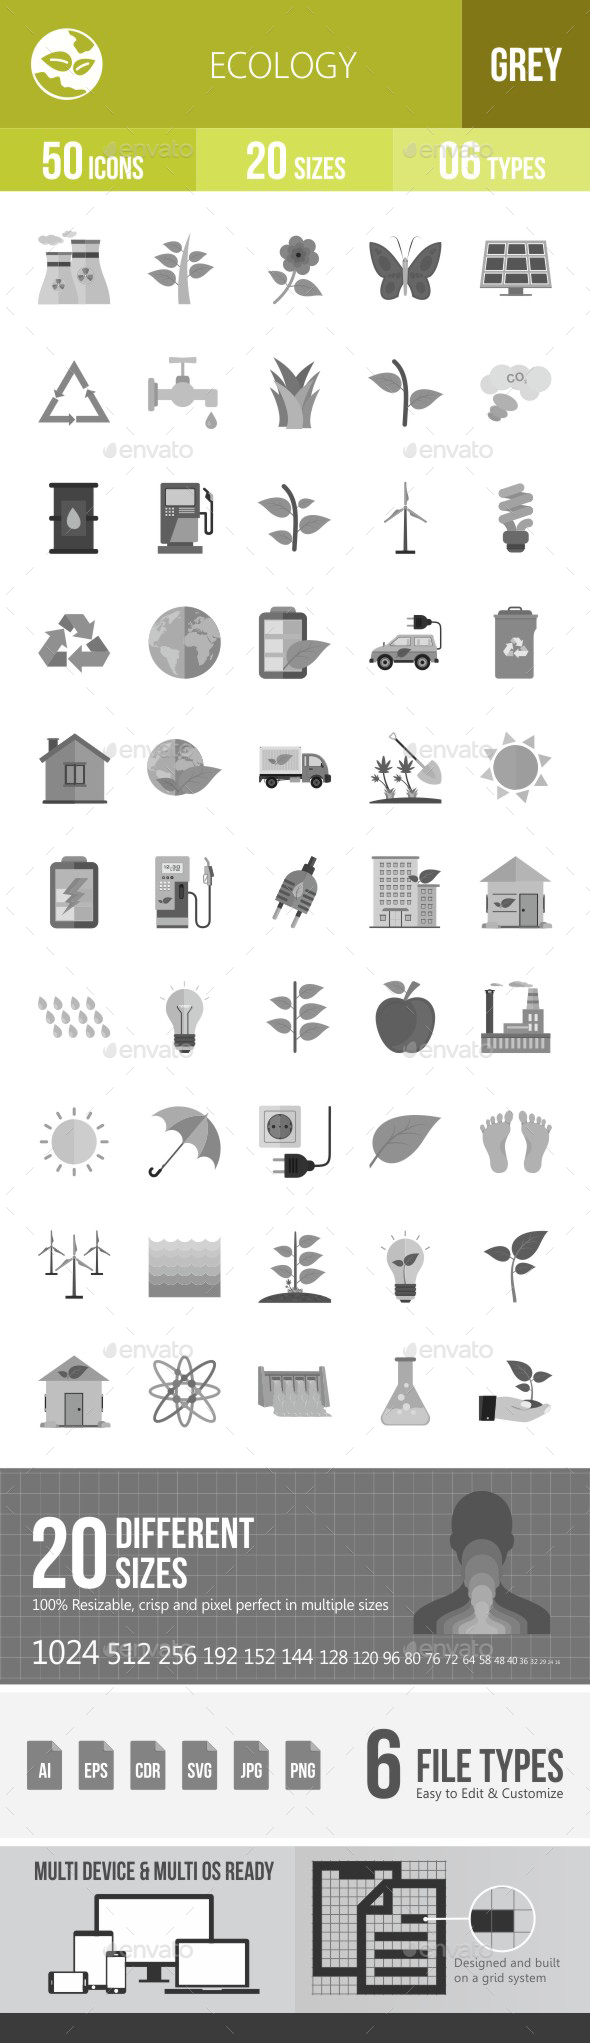 Ecology Flat Round Icons - Icons